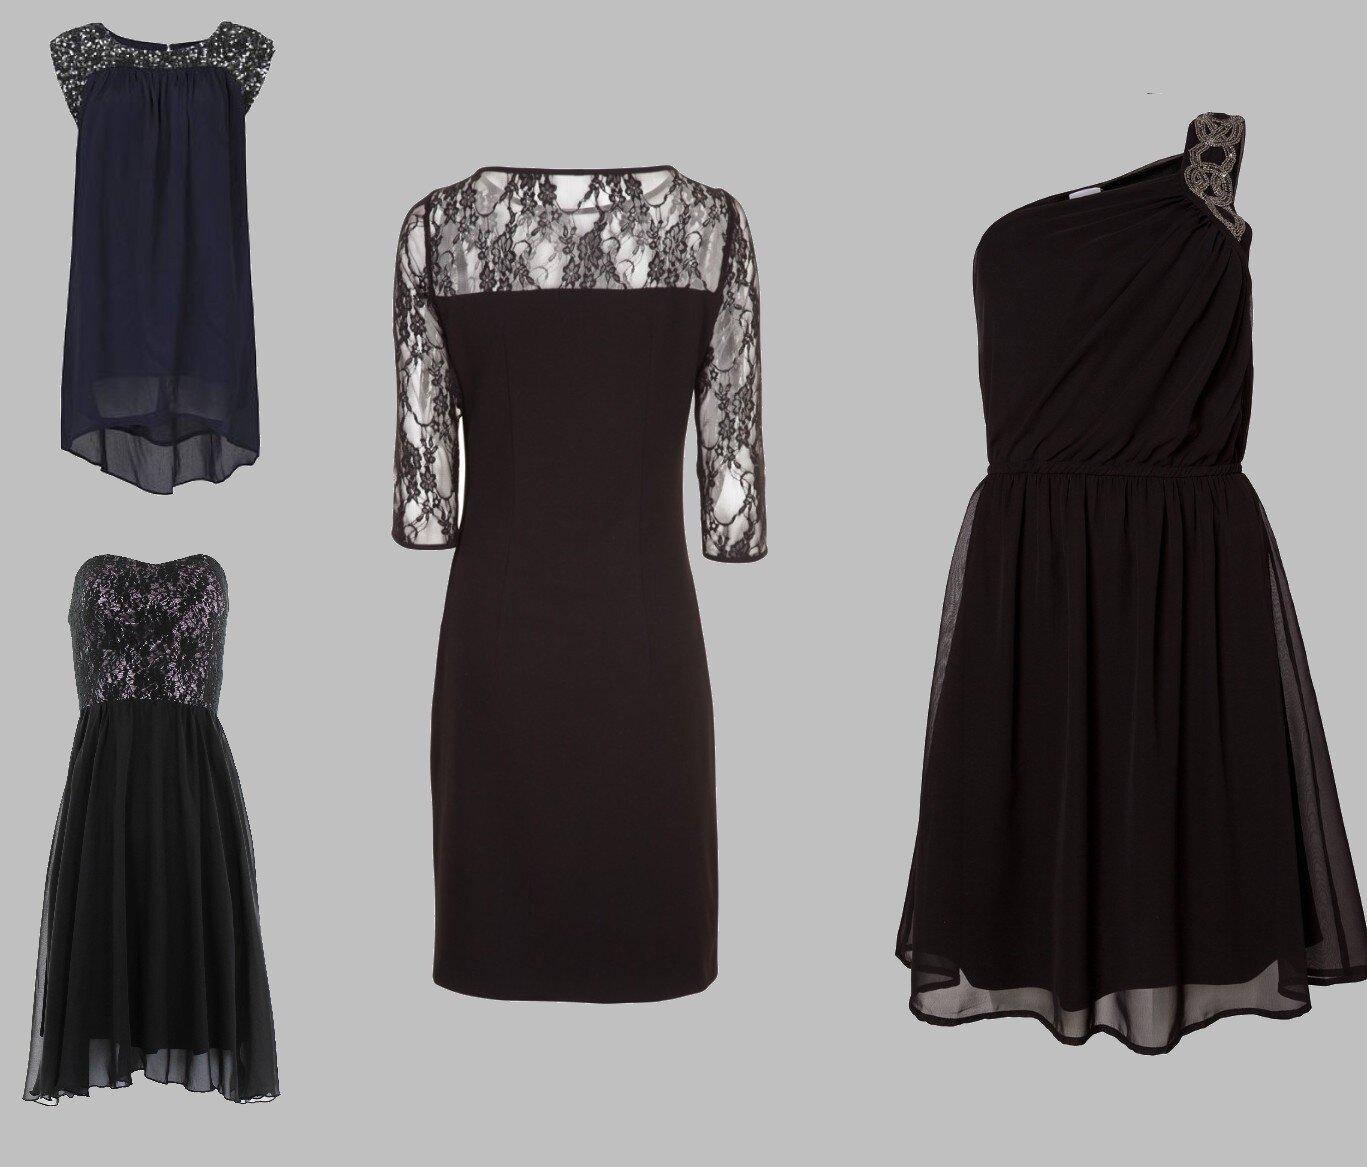 Petite robe noire pour le reveillon